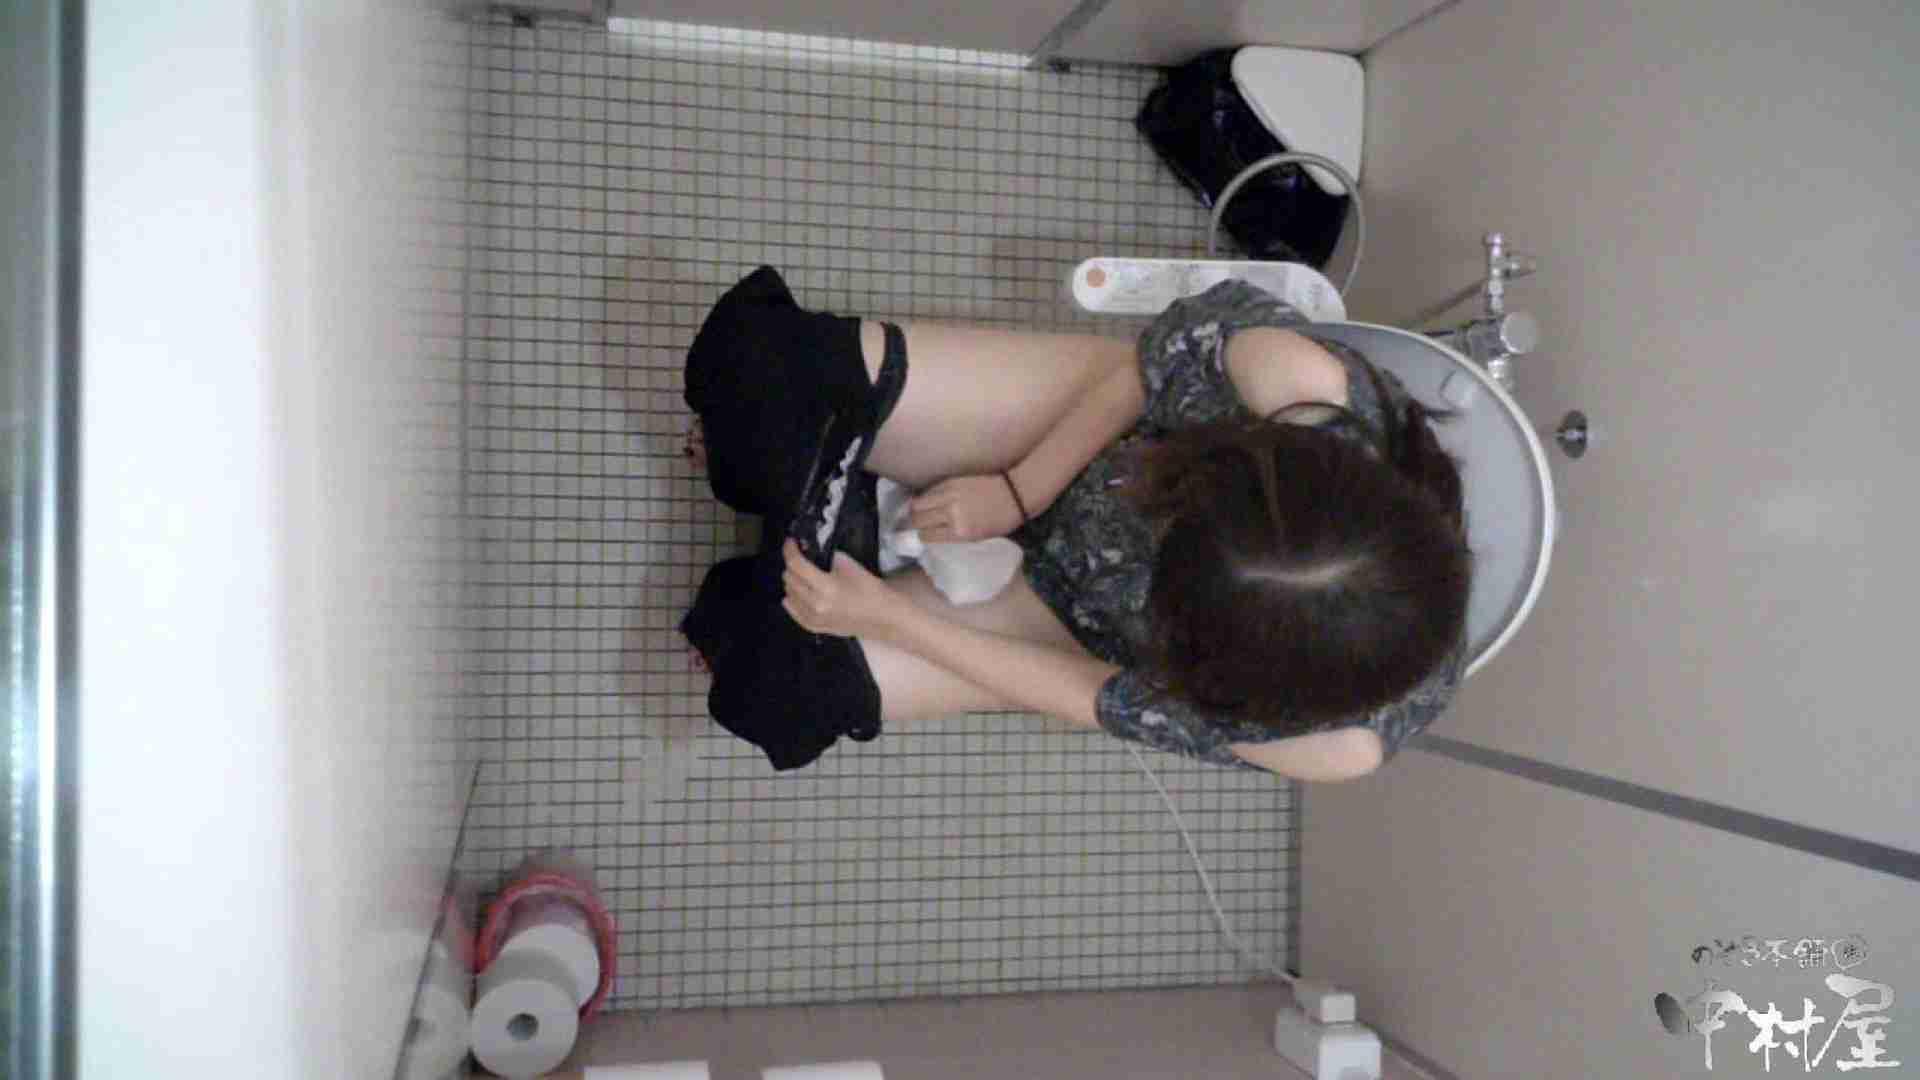 【某有名大学女性洗面所】有名大学女性洗面所 vol.43 いつみても神秘的な世界です。 和式 | 投稿  87pic 3